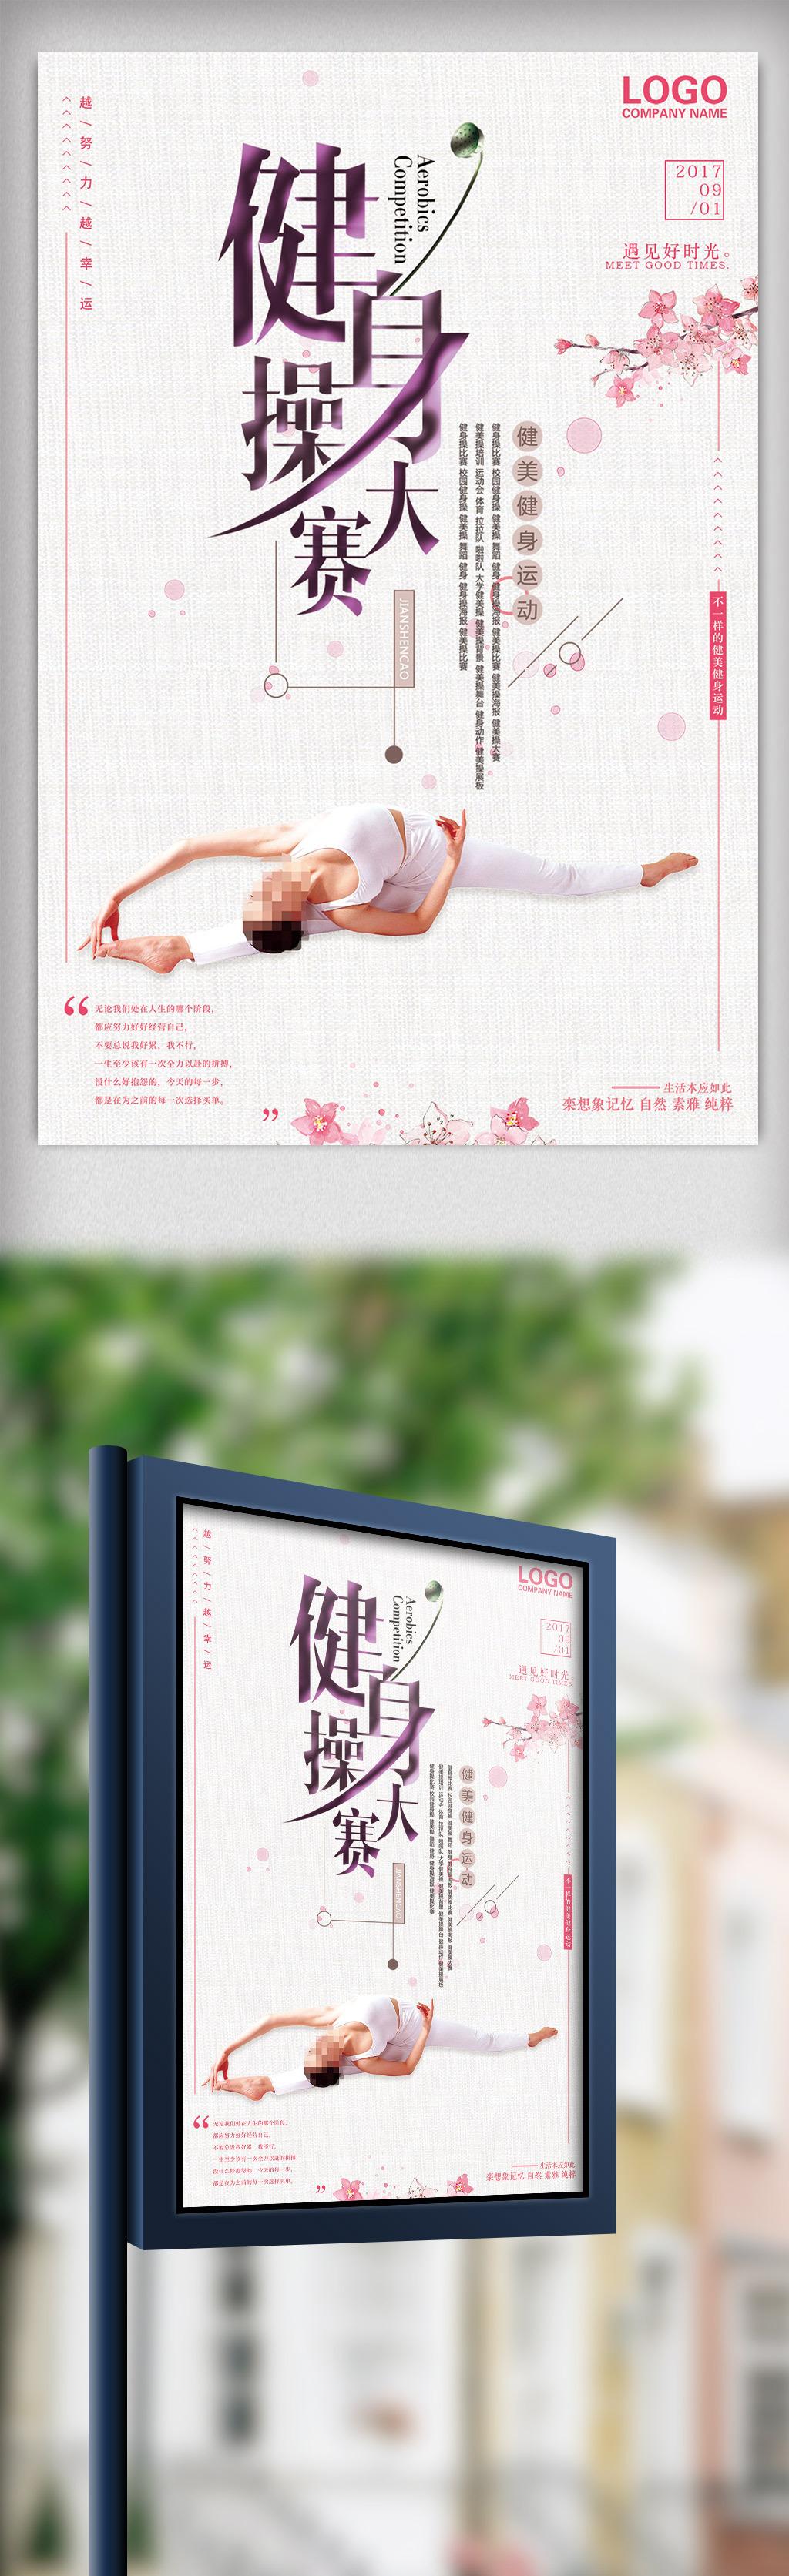 简约大气健美操体育海报设计